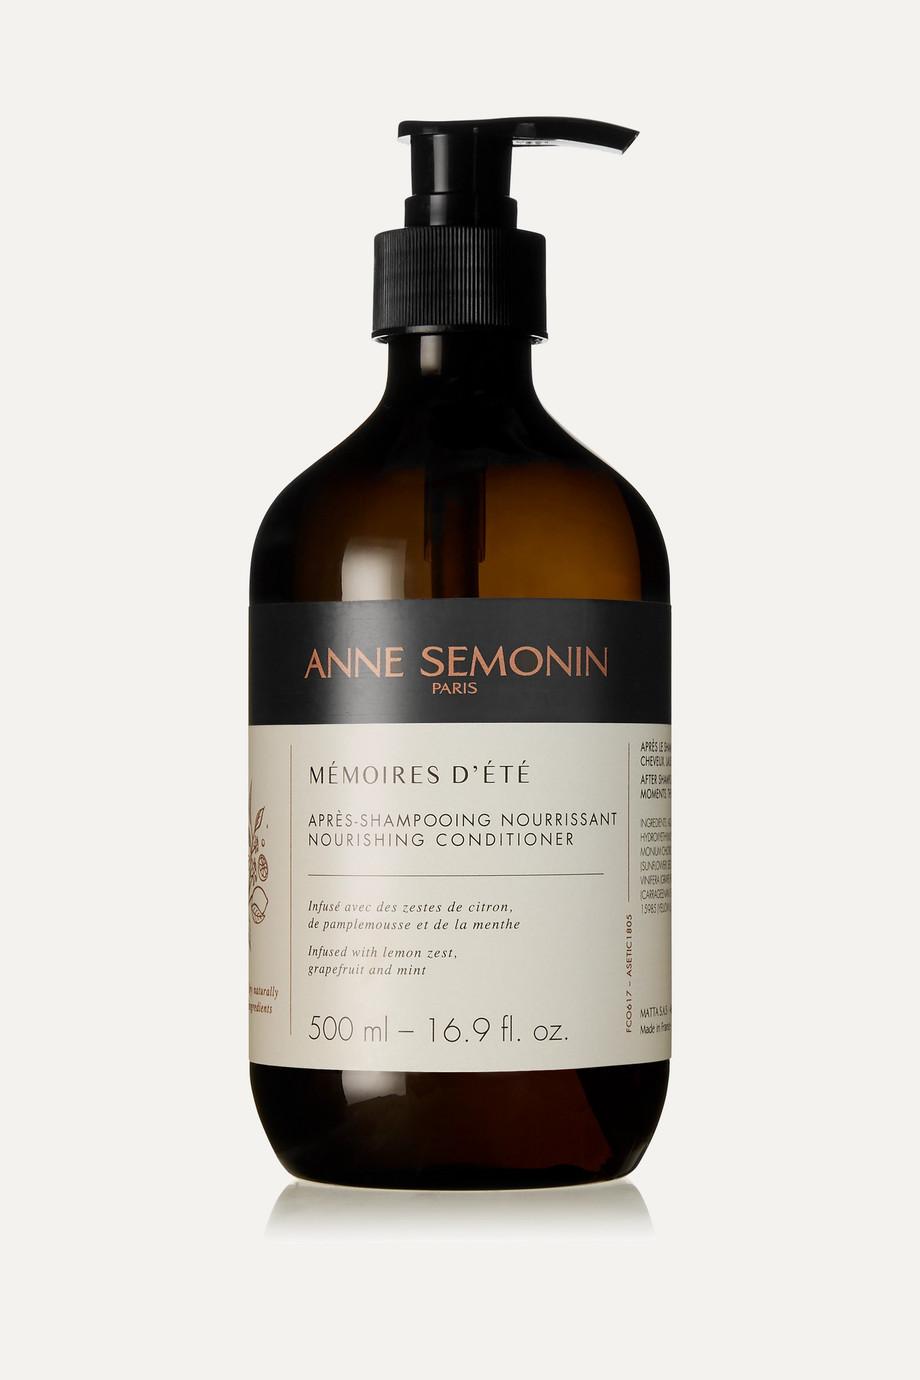 Anne Semonin Mémoires d'Été Nourishing Conditioner, 500ml